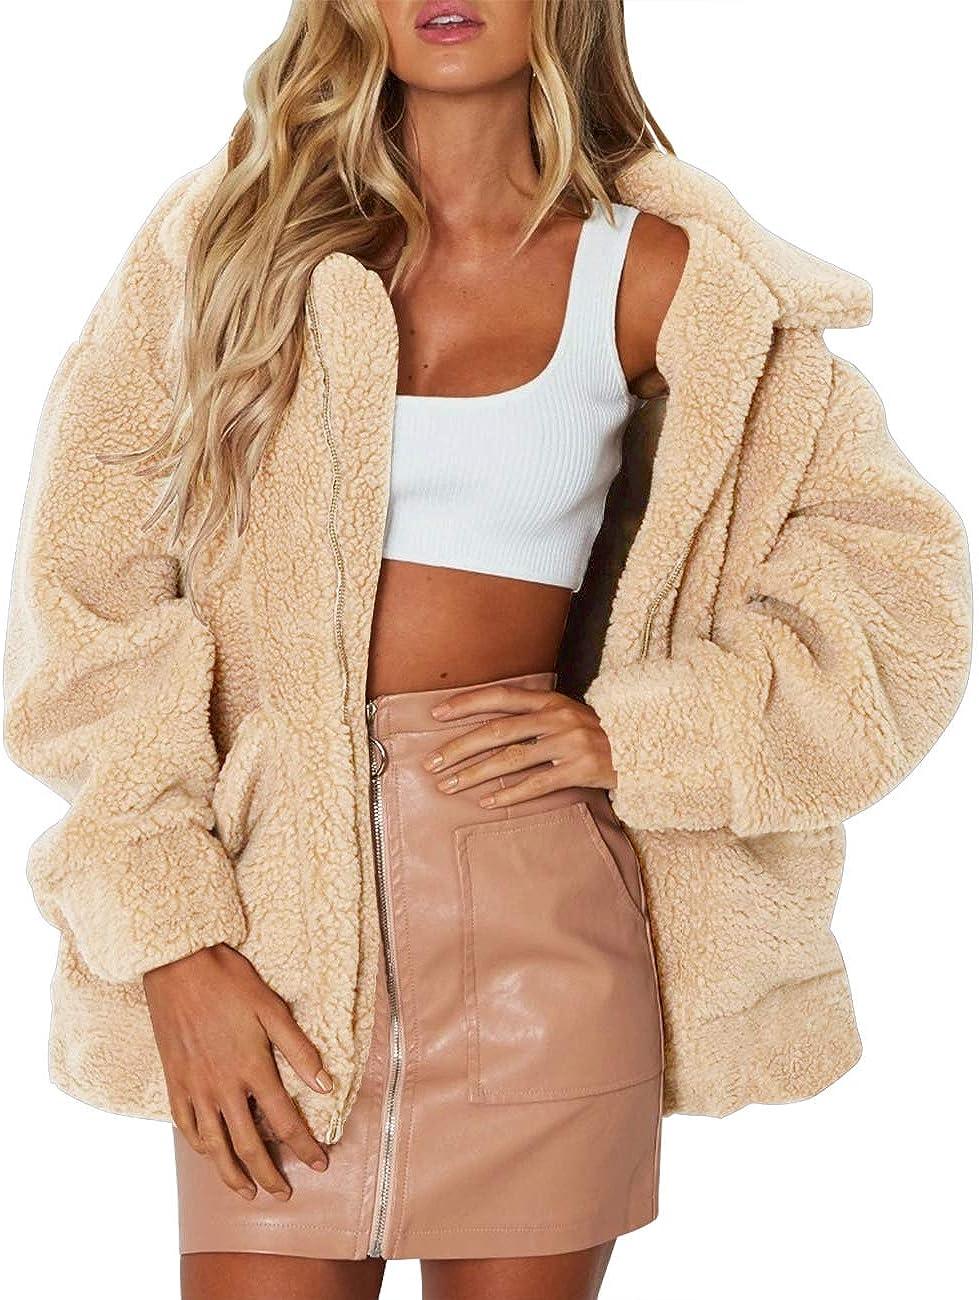 MEROKEETY Womens Long Sleeve Lapel Fuzzy Faux Shearling Coat Zipper Oversized Teddy Jacket with Pockets